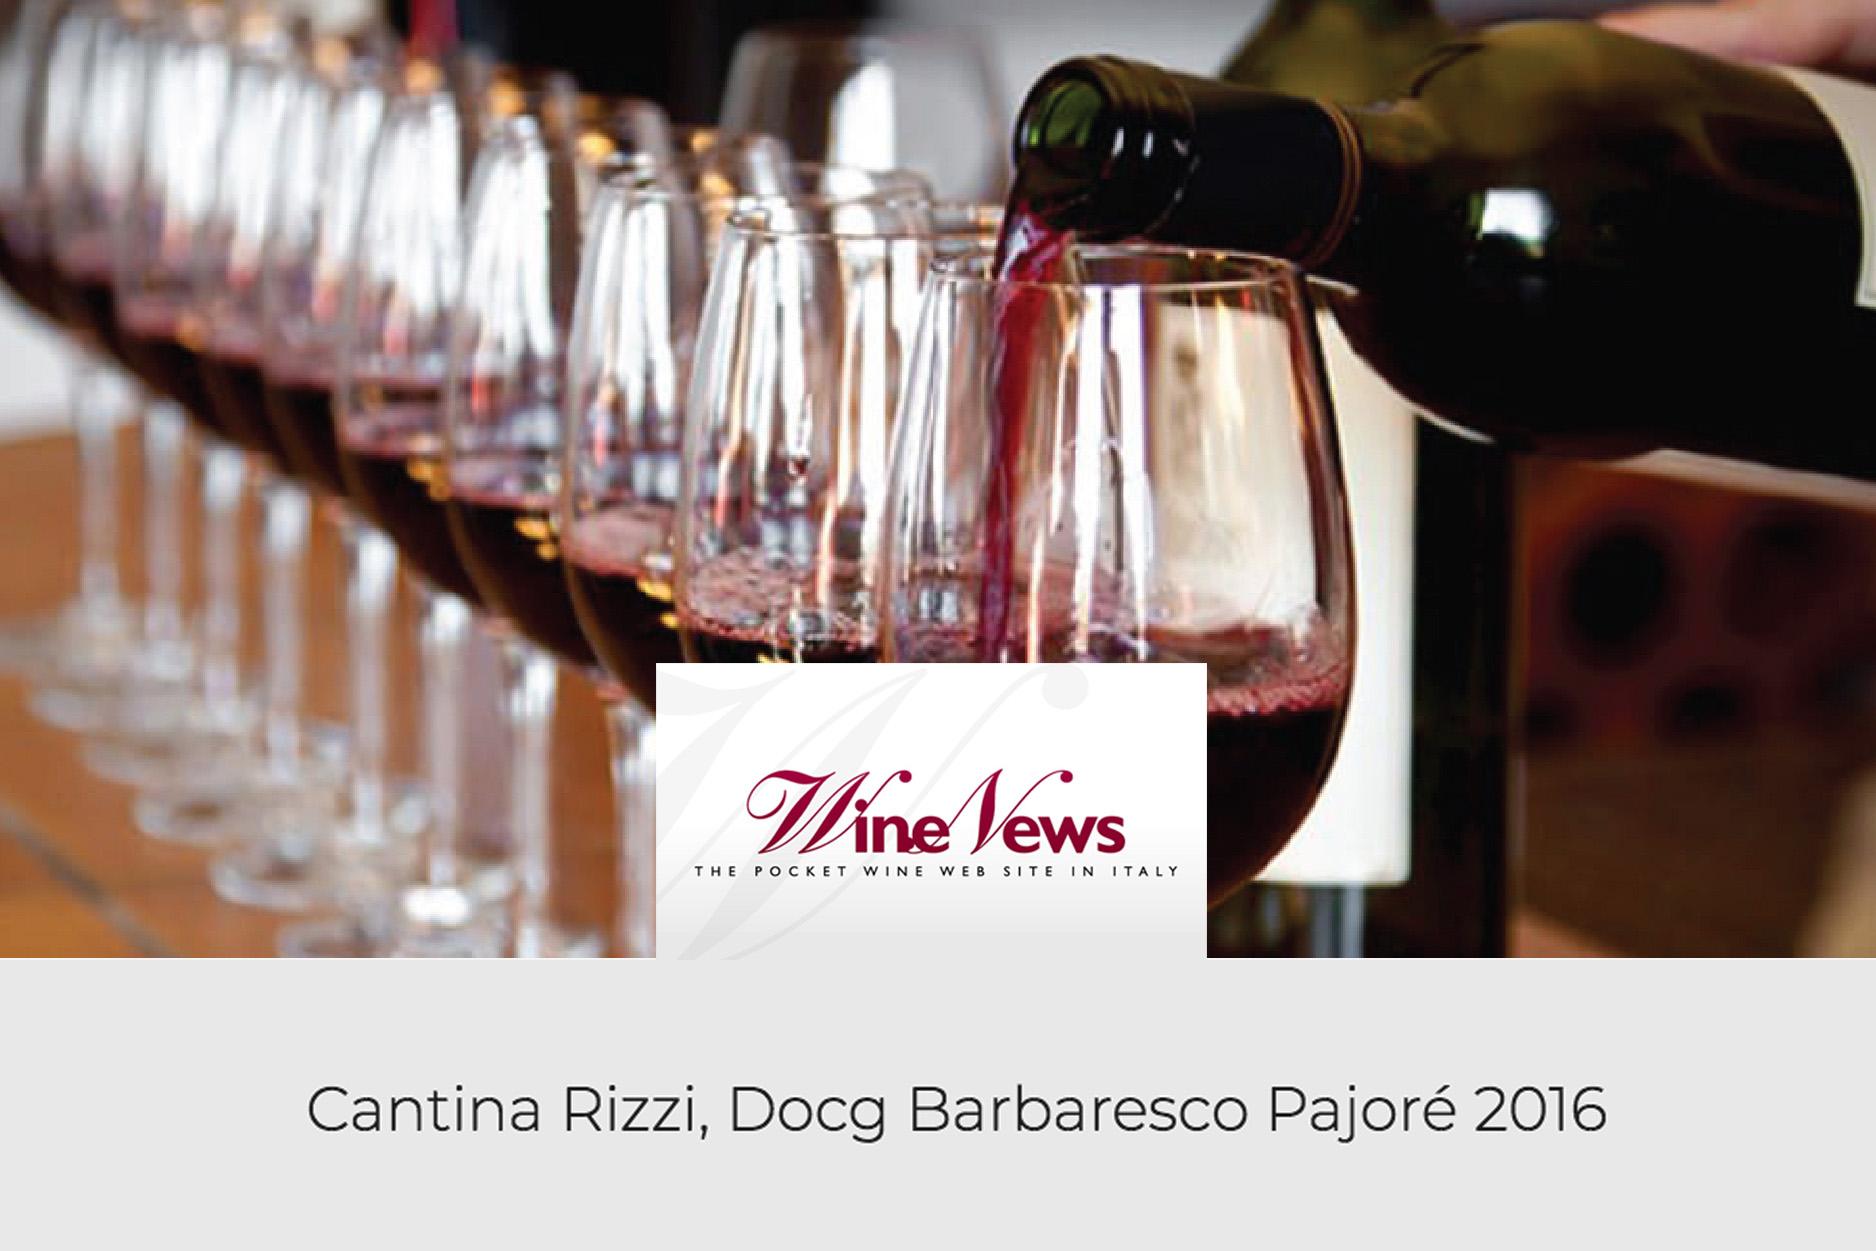 wine news cantina rizzi barbaresco pajorè .jpg